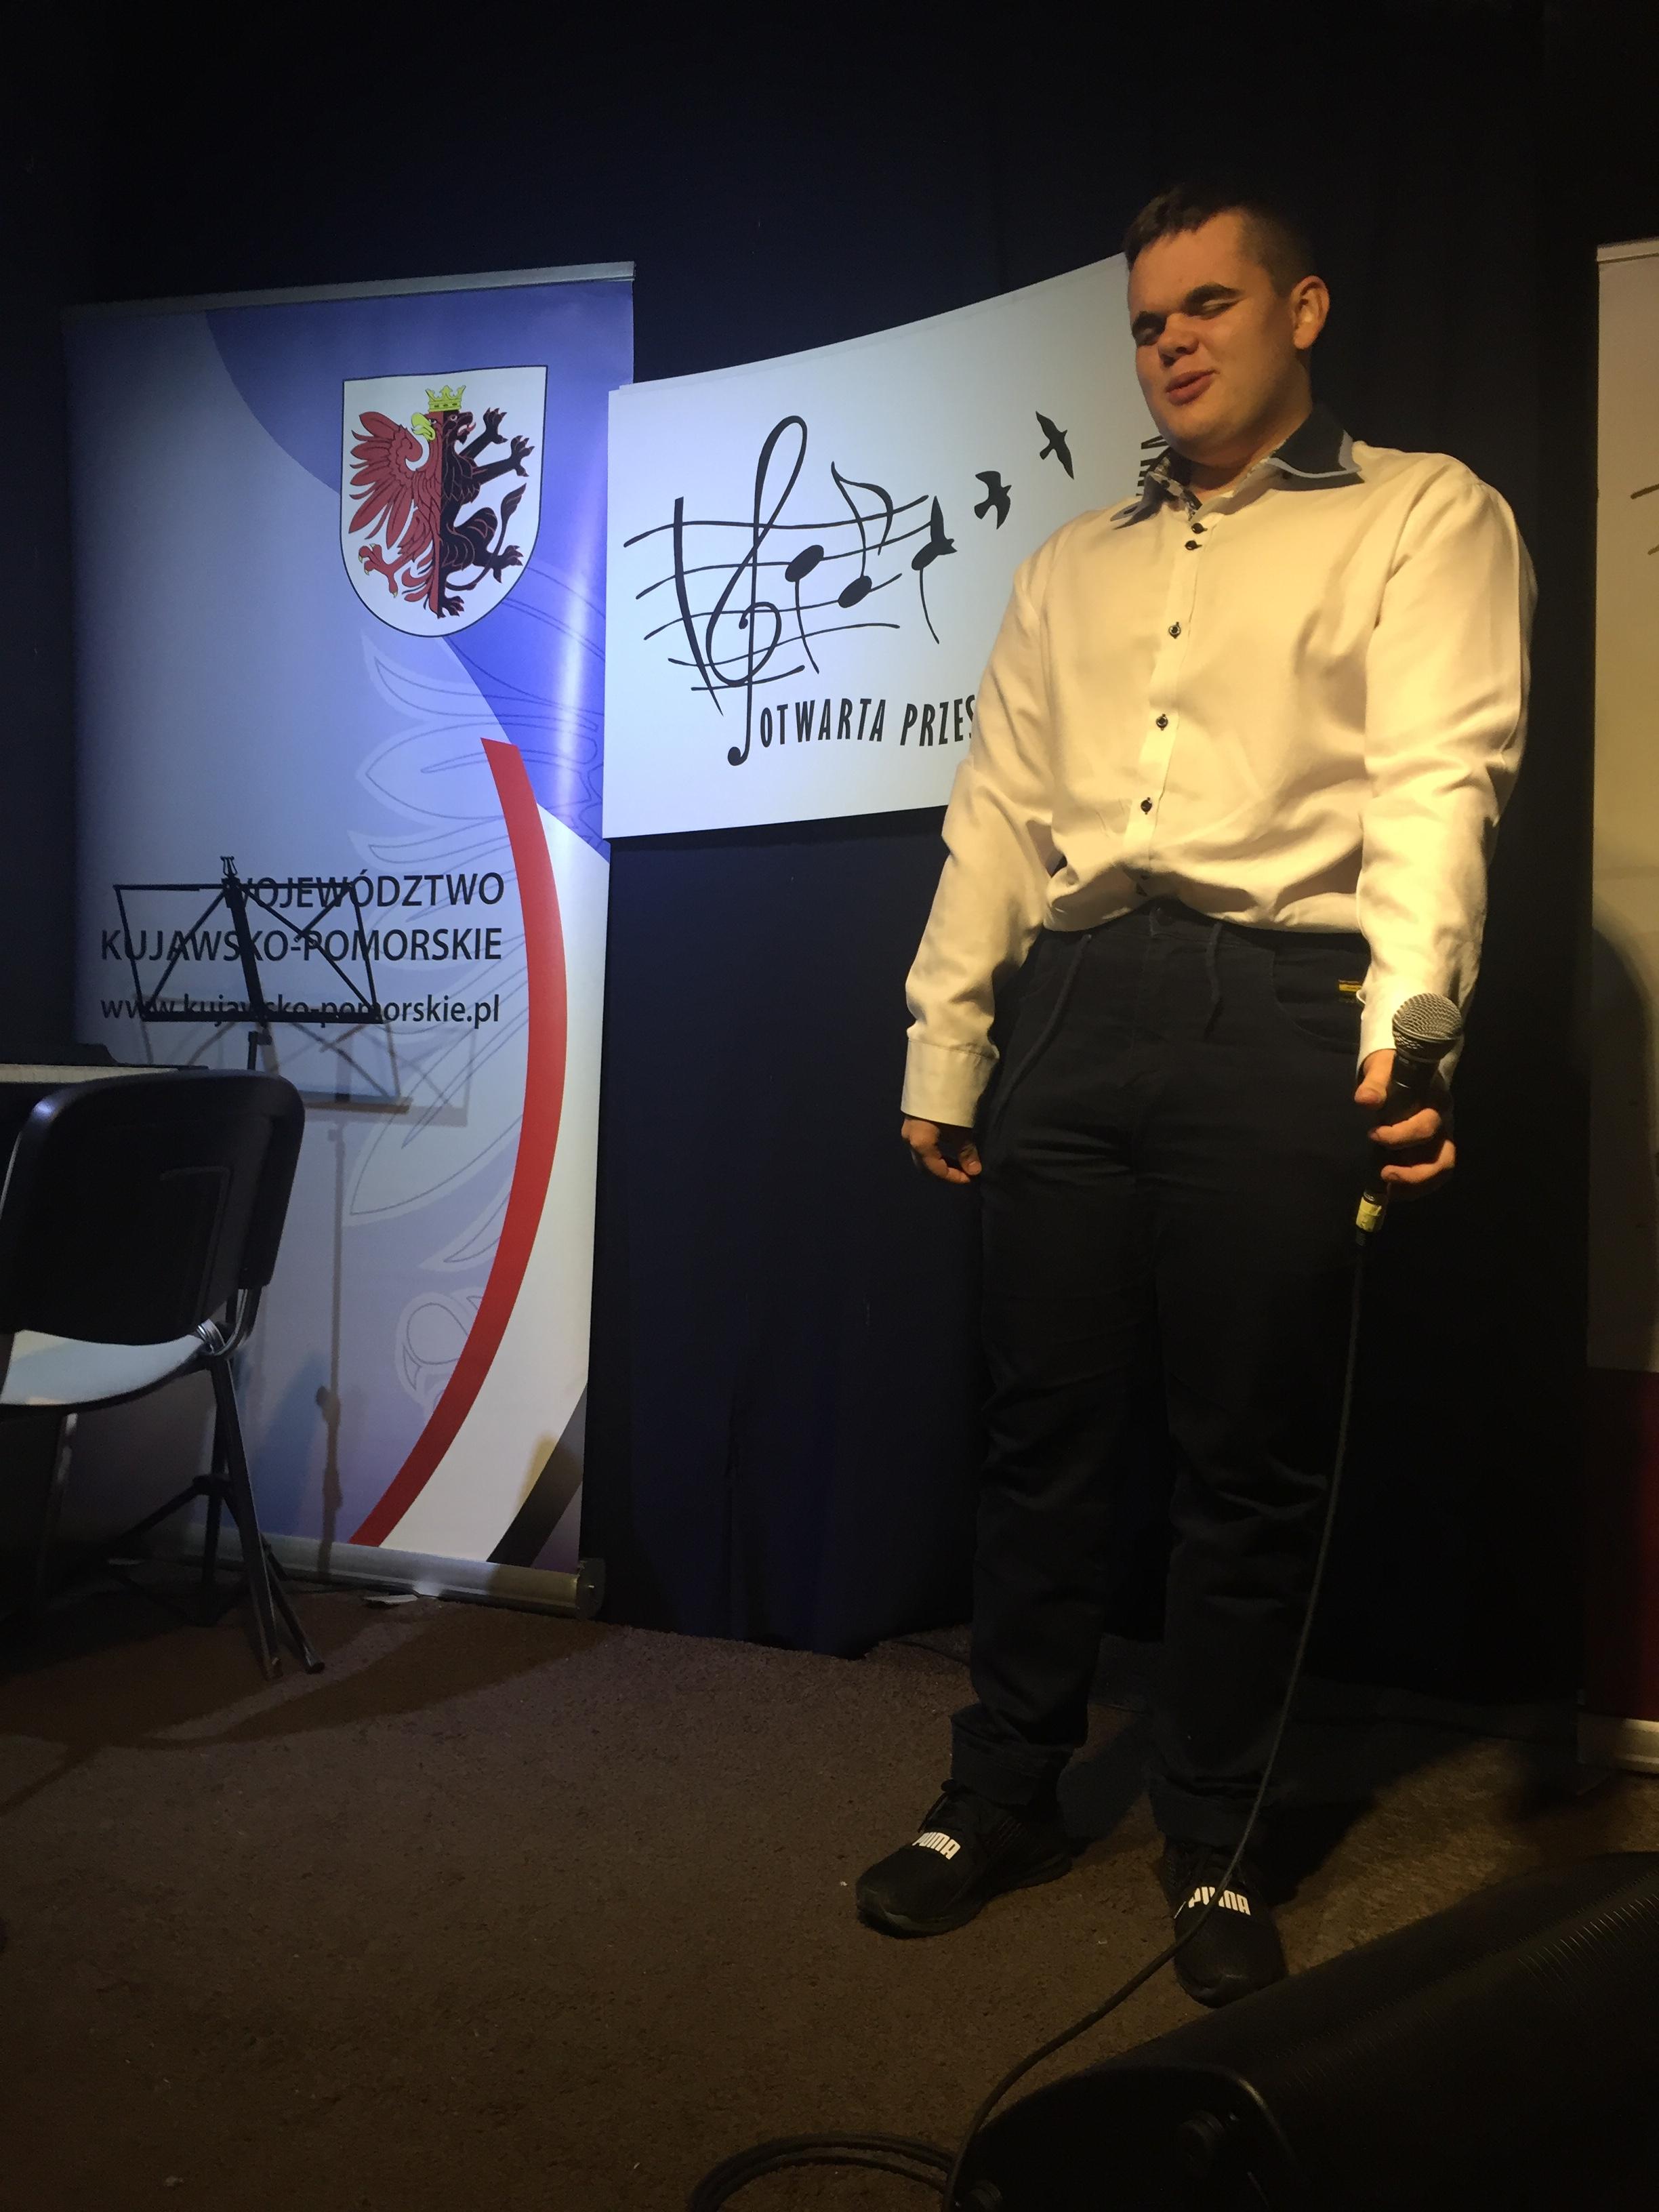 Młody mężczyzna śpiewa na scenie